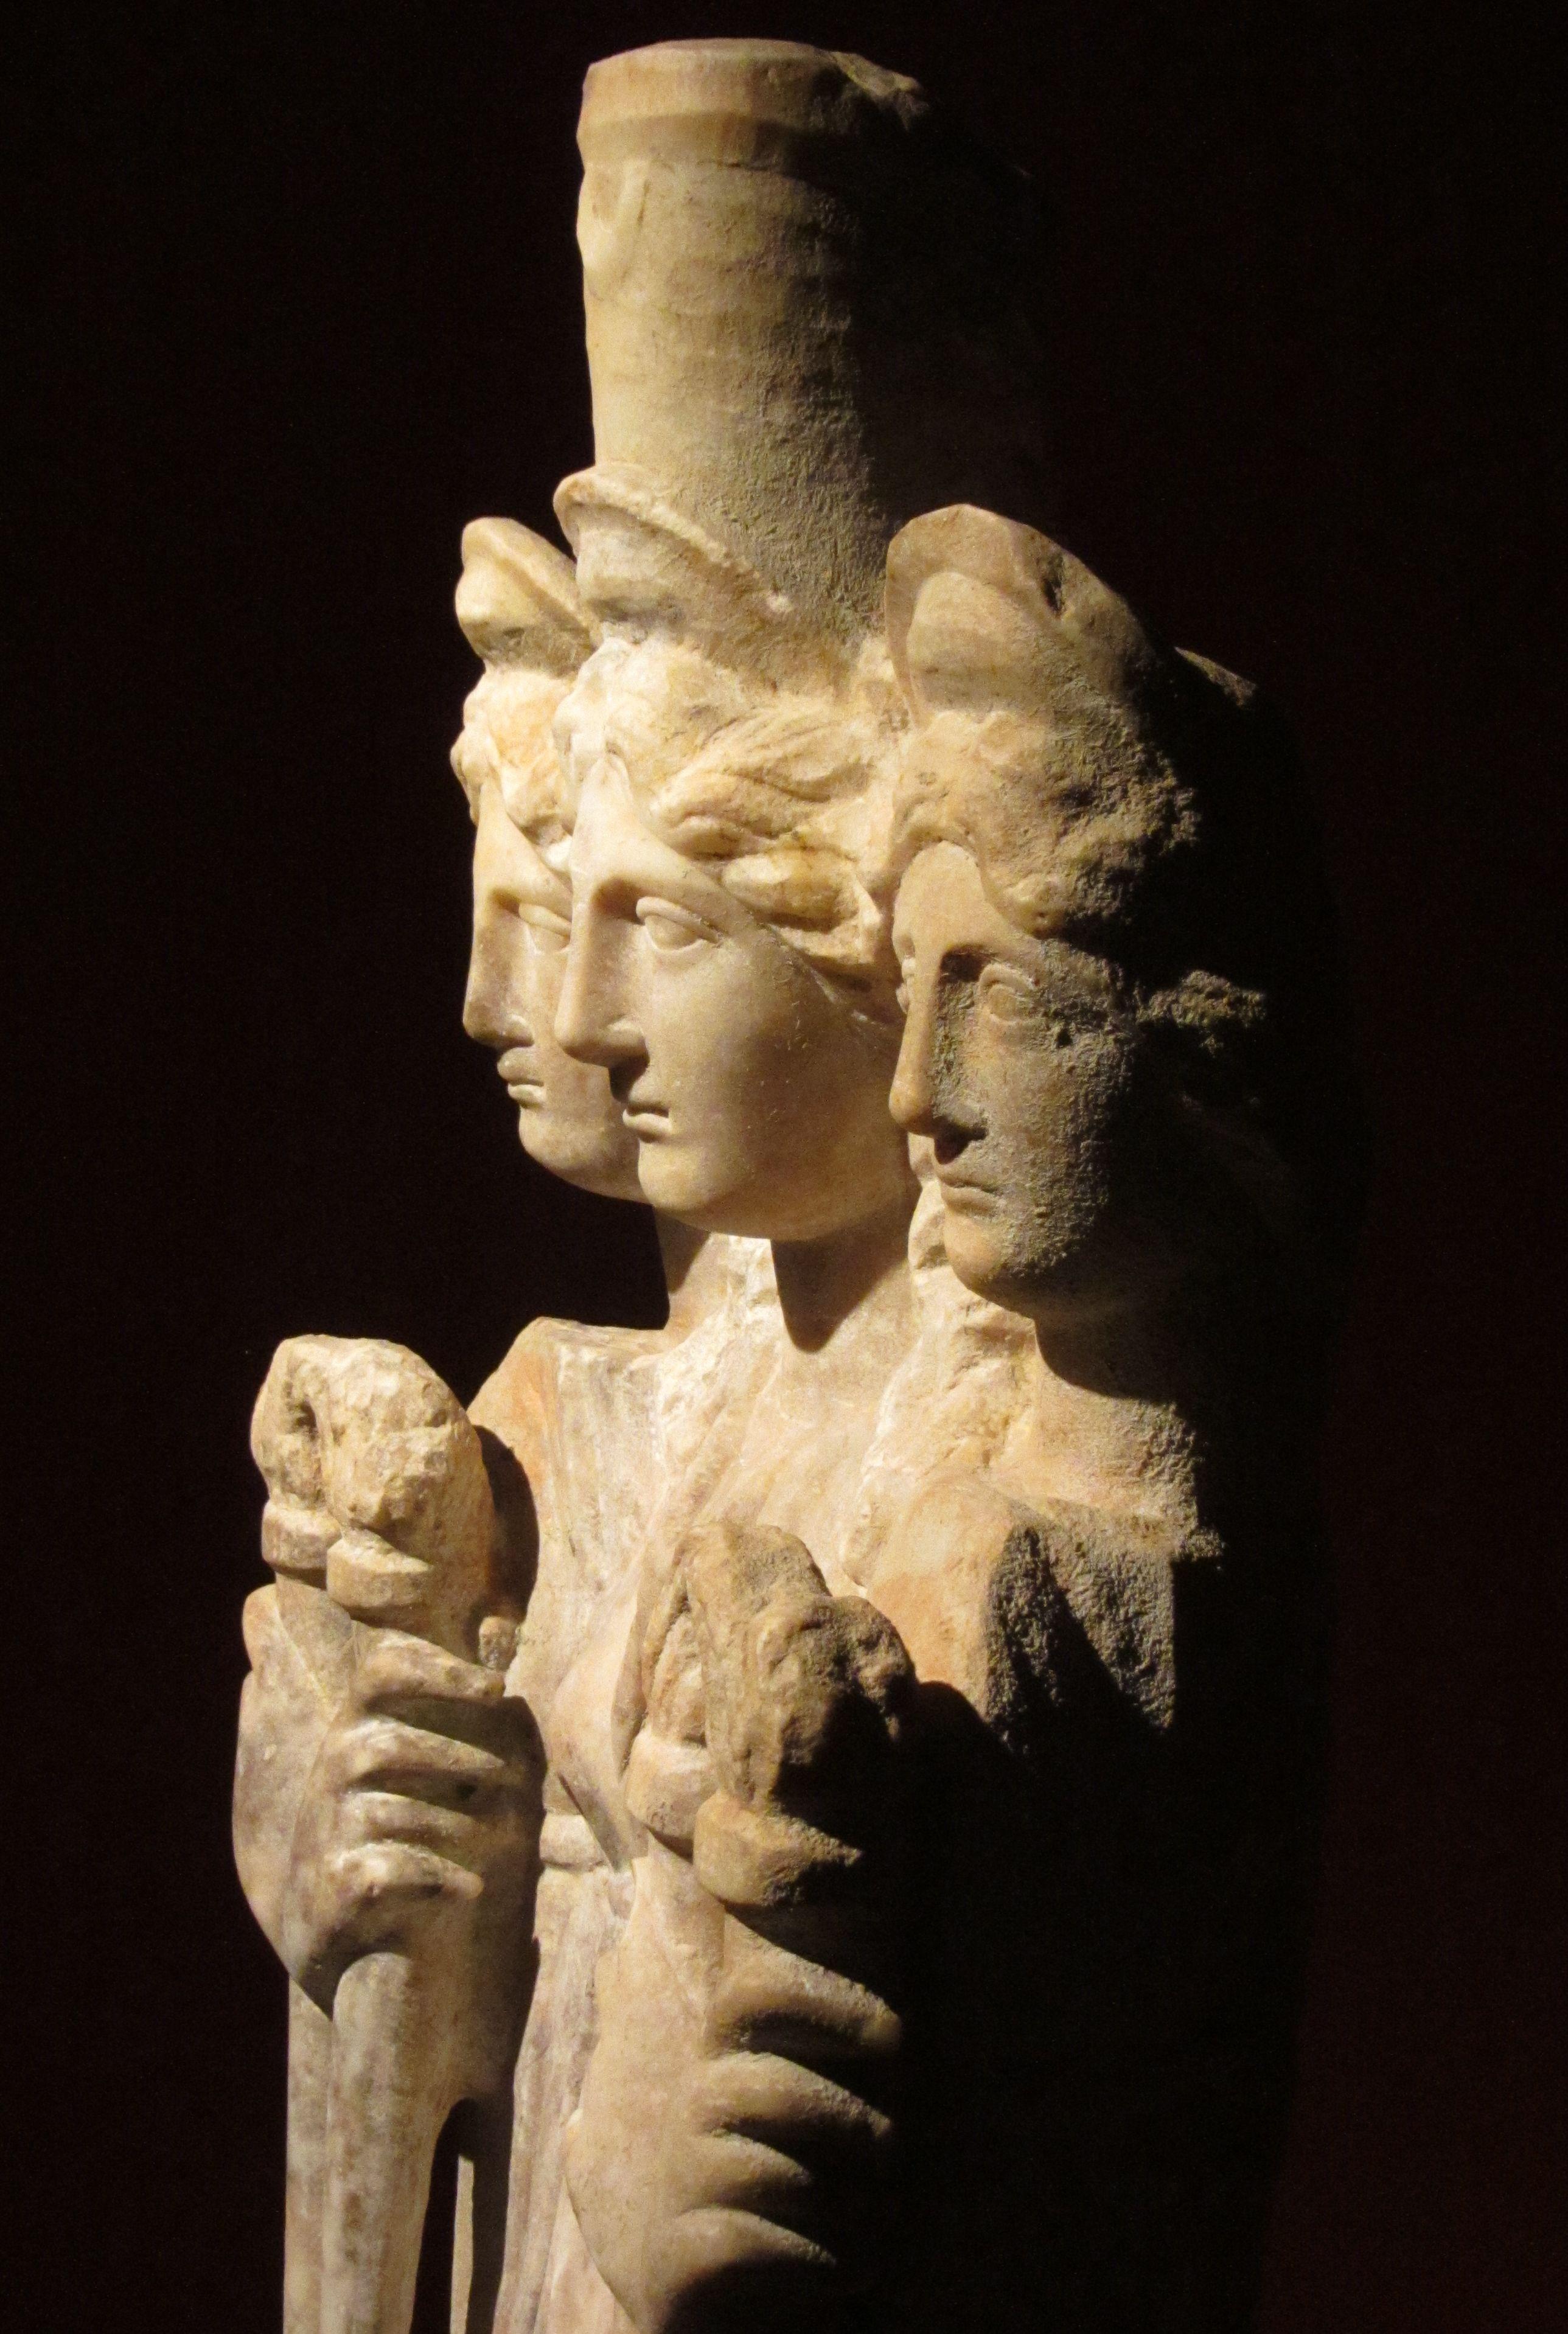 ارش کی گال، الهه سومریان